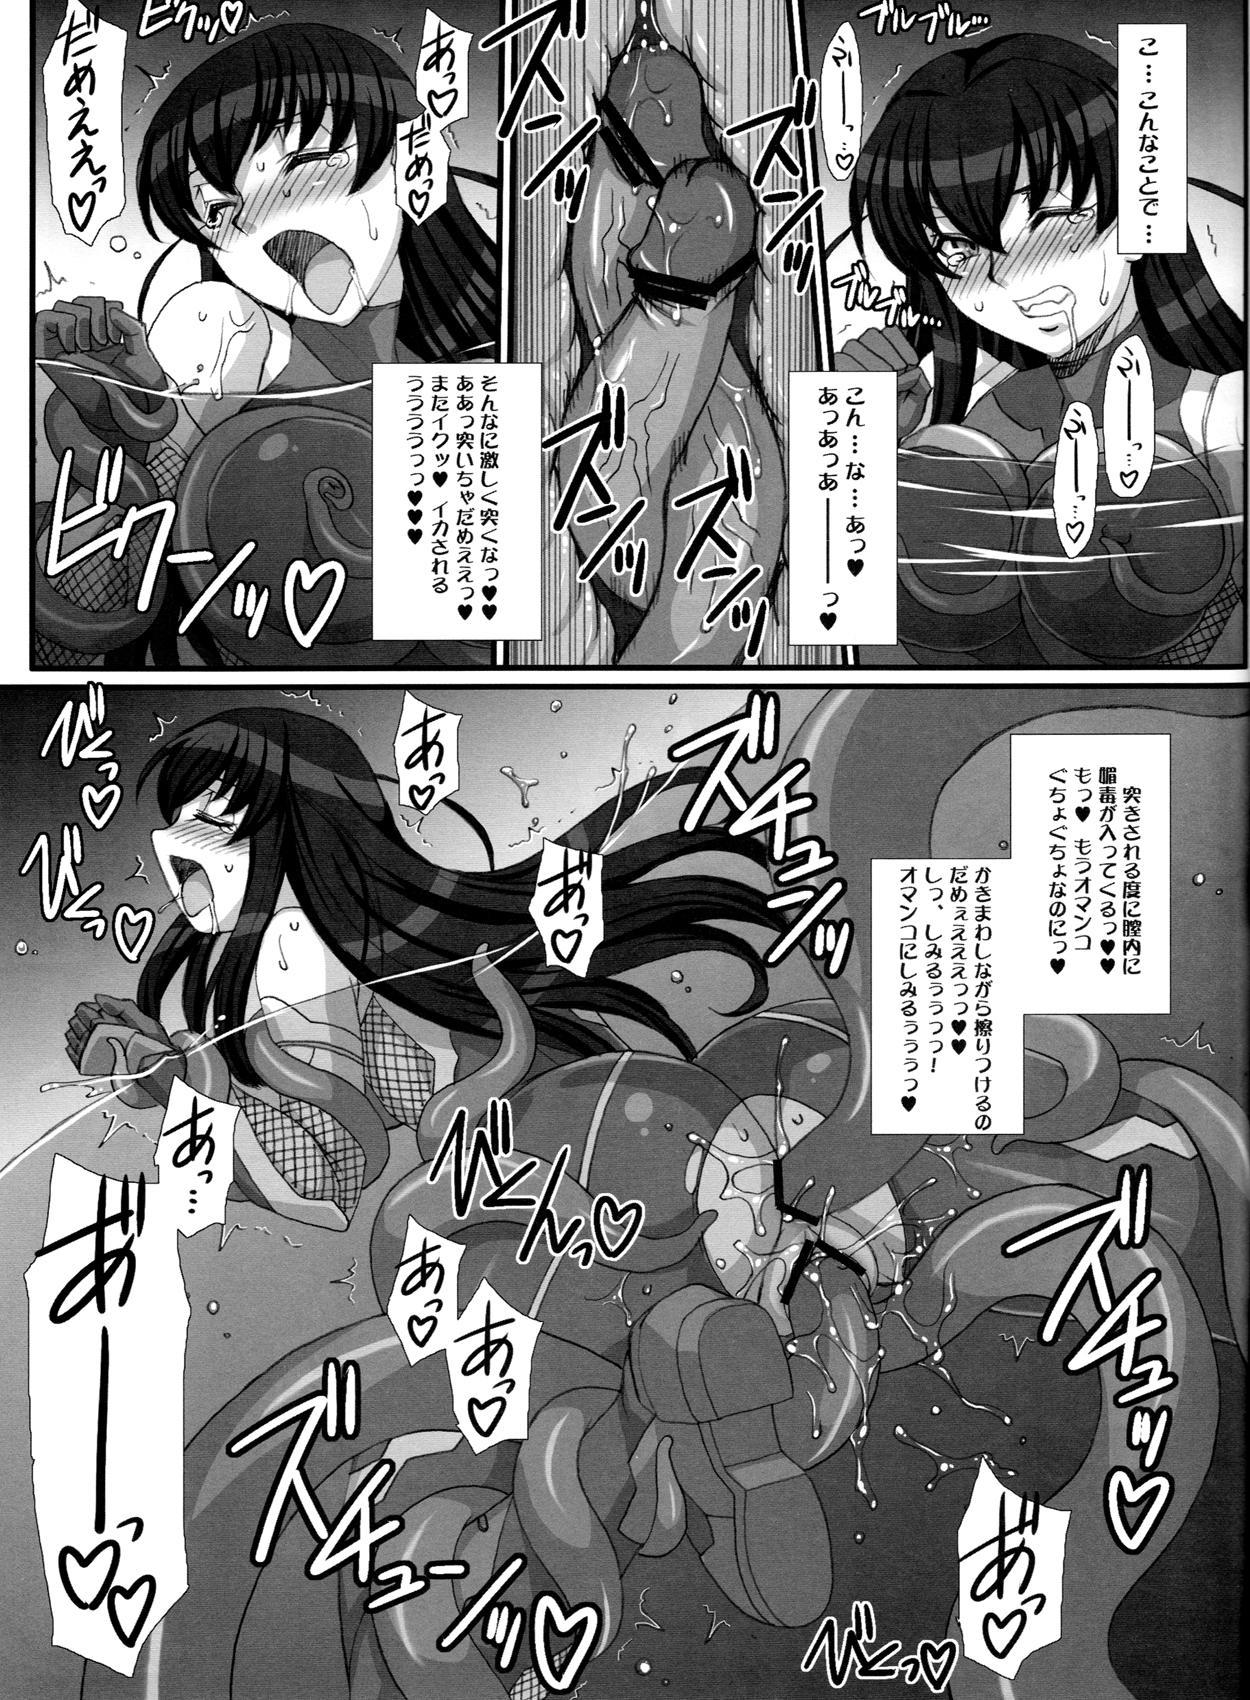 Taimanin Asagi Comic Anthology 34